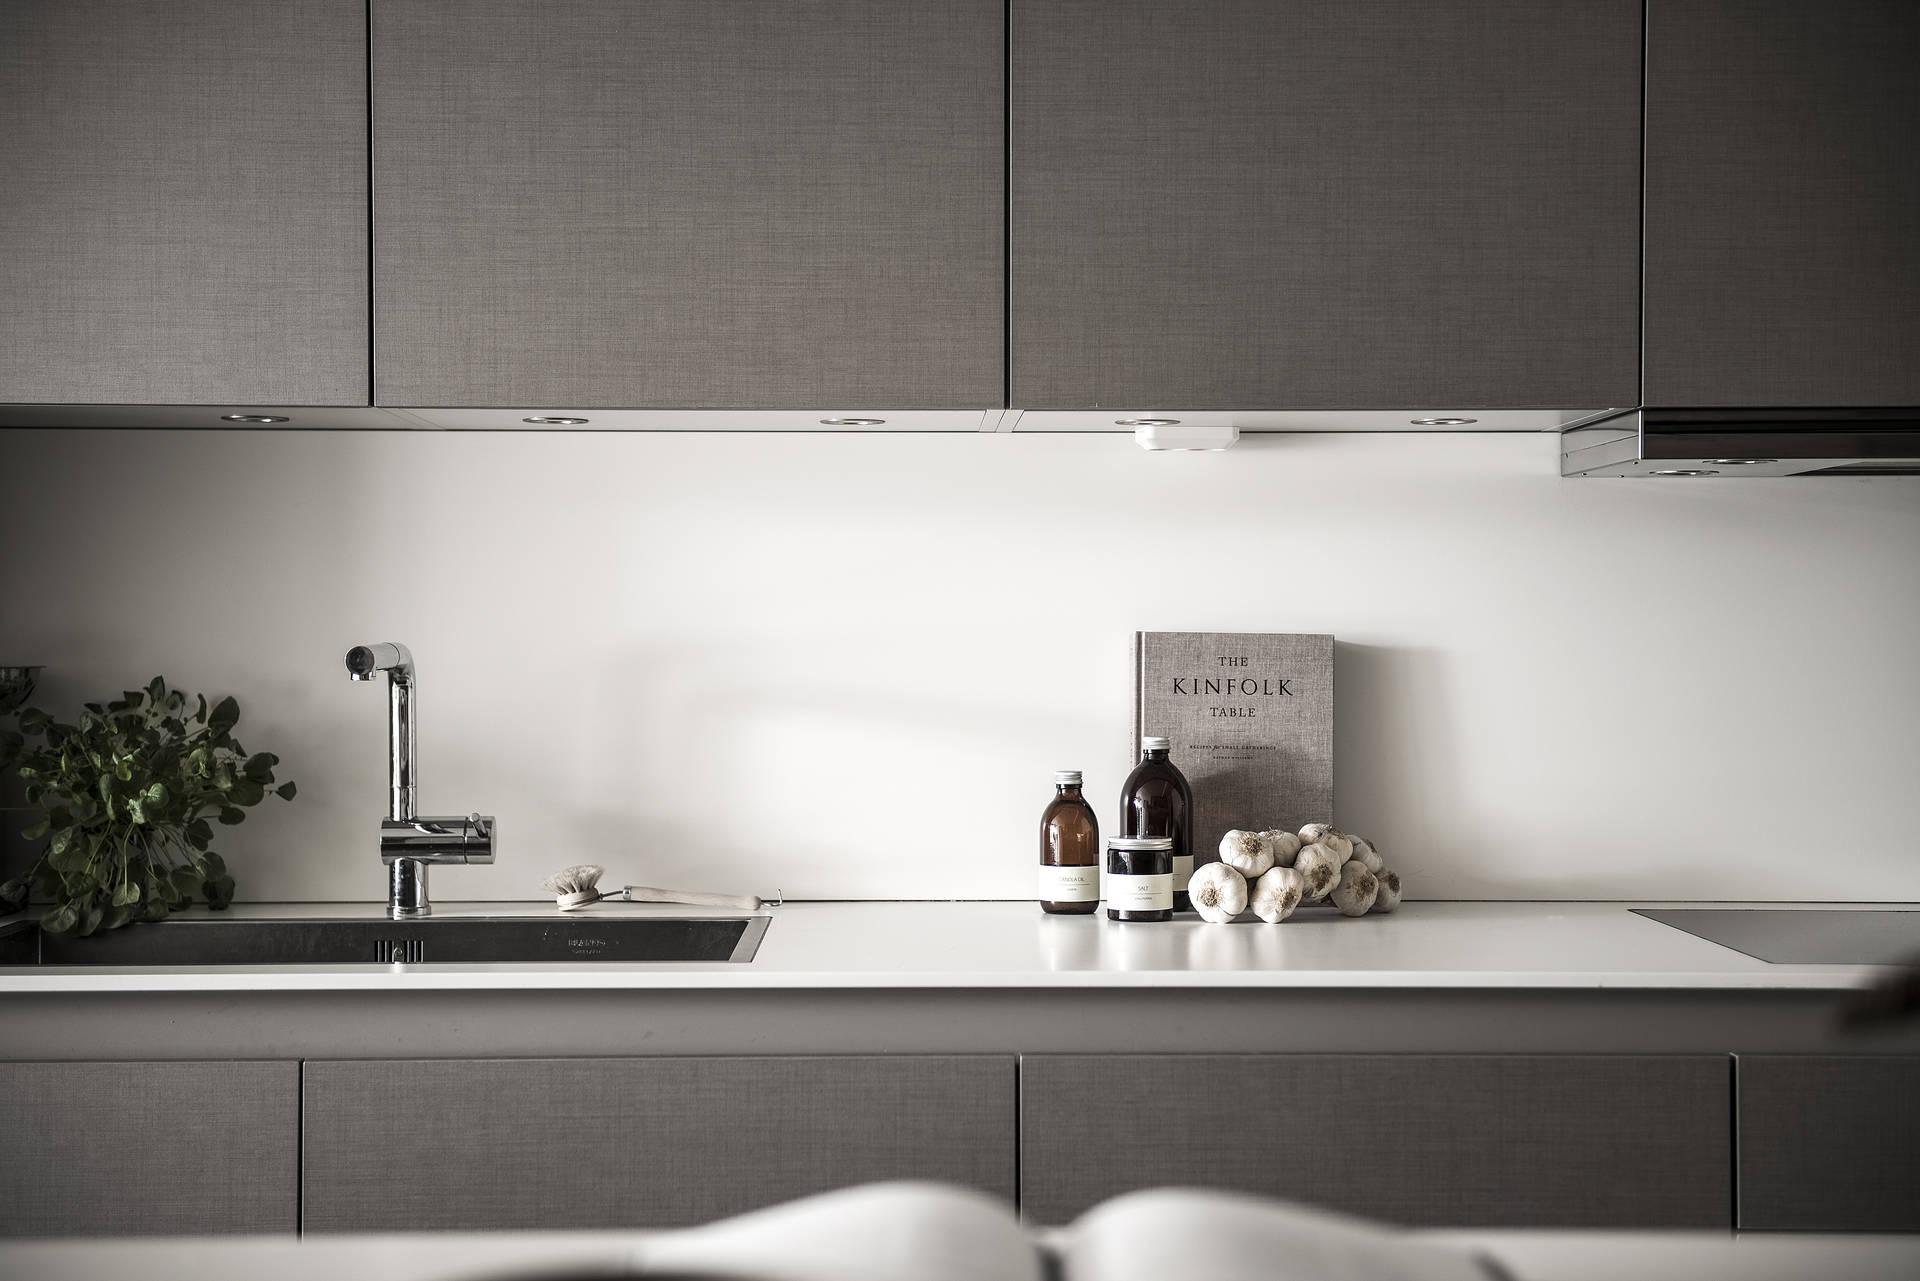 кухонная мебель подсветка столешница мойка смеситель